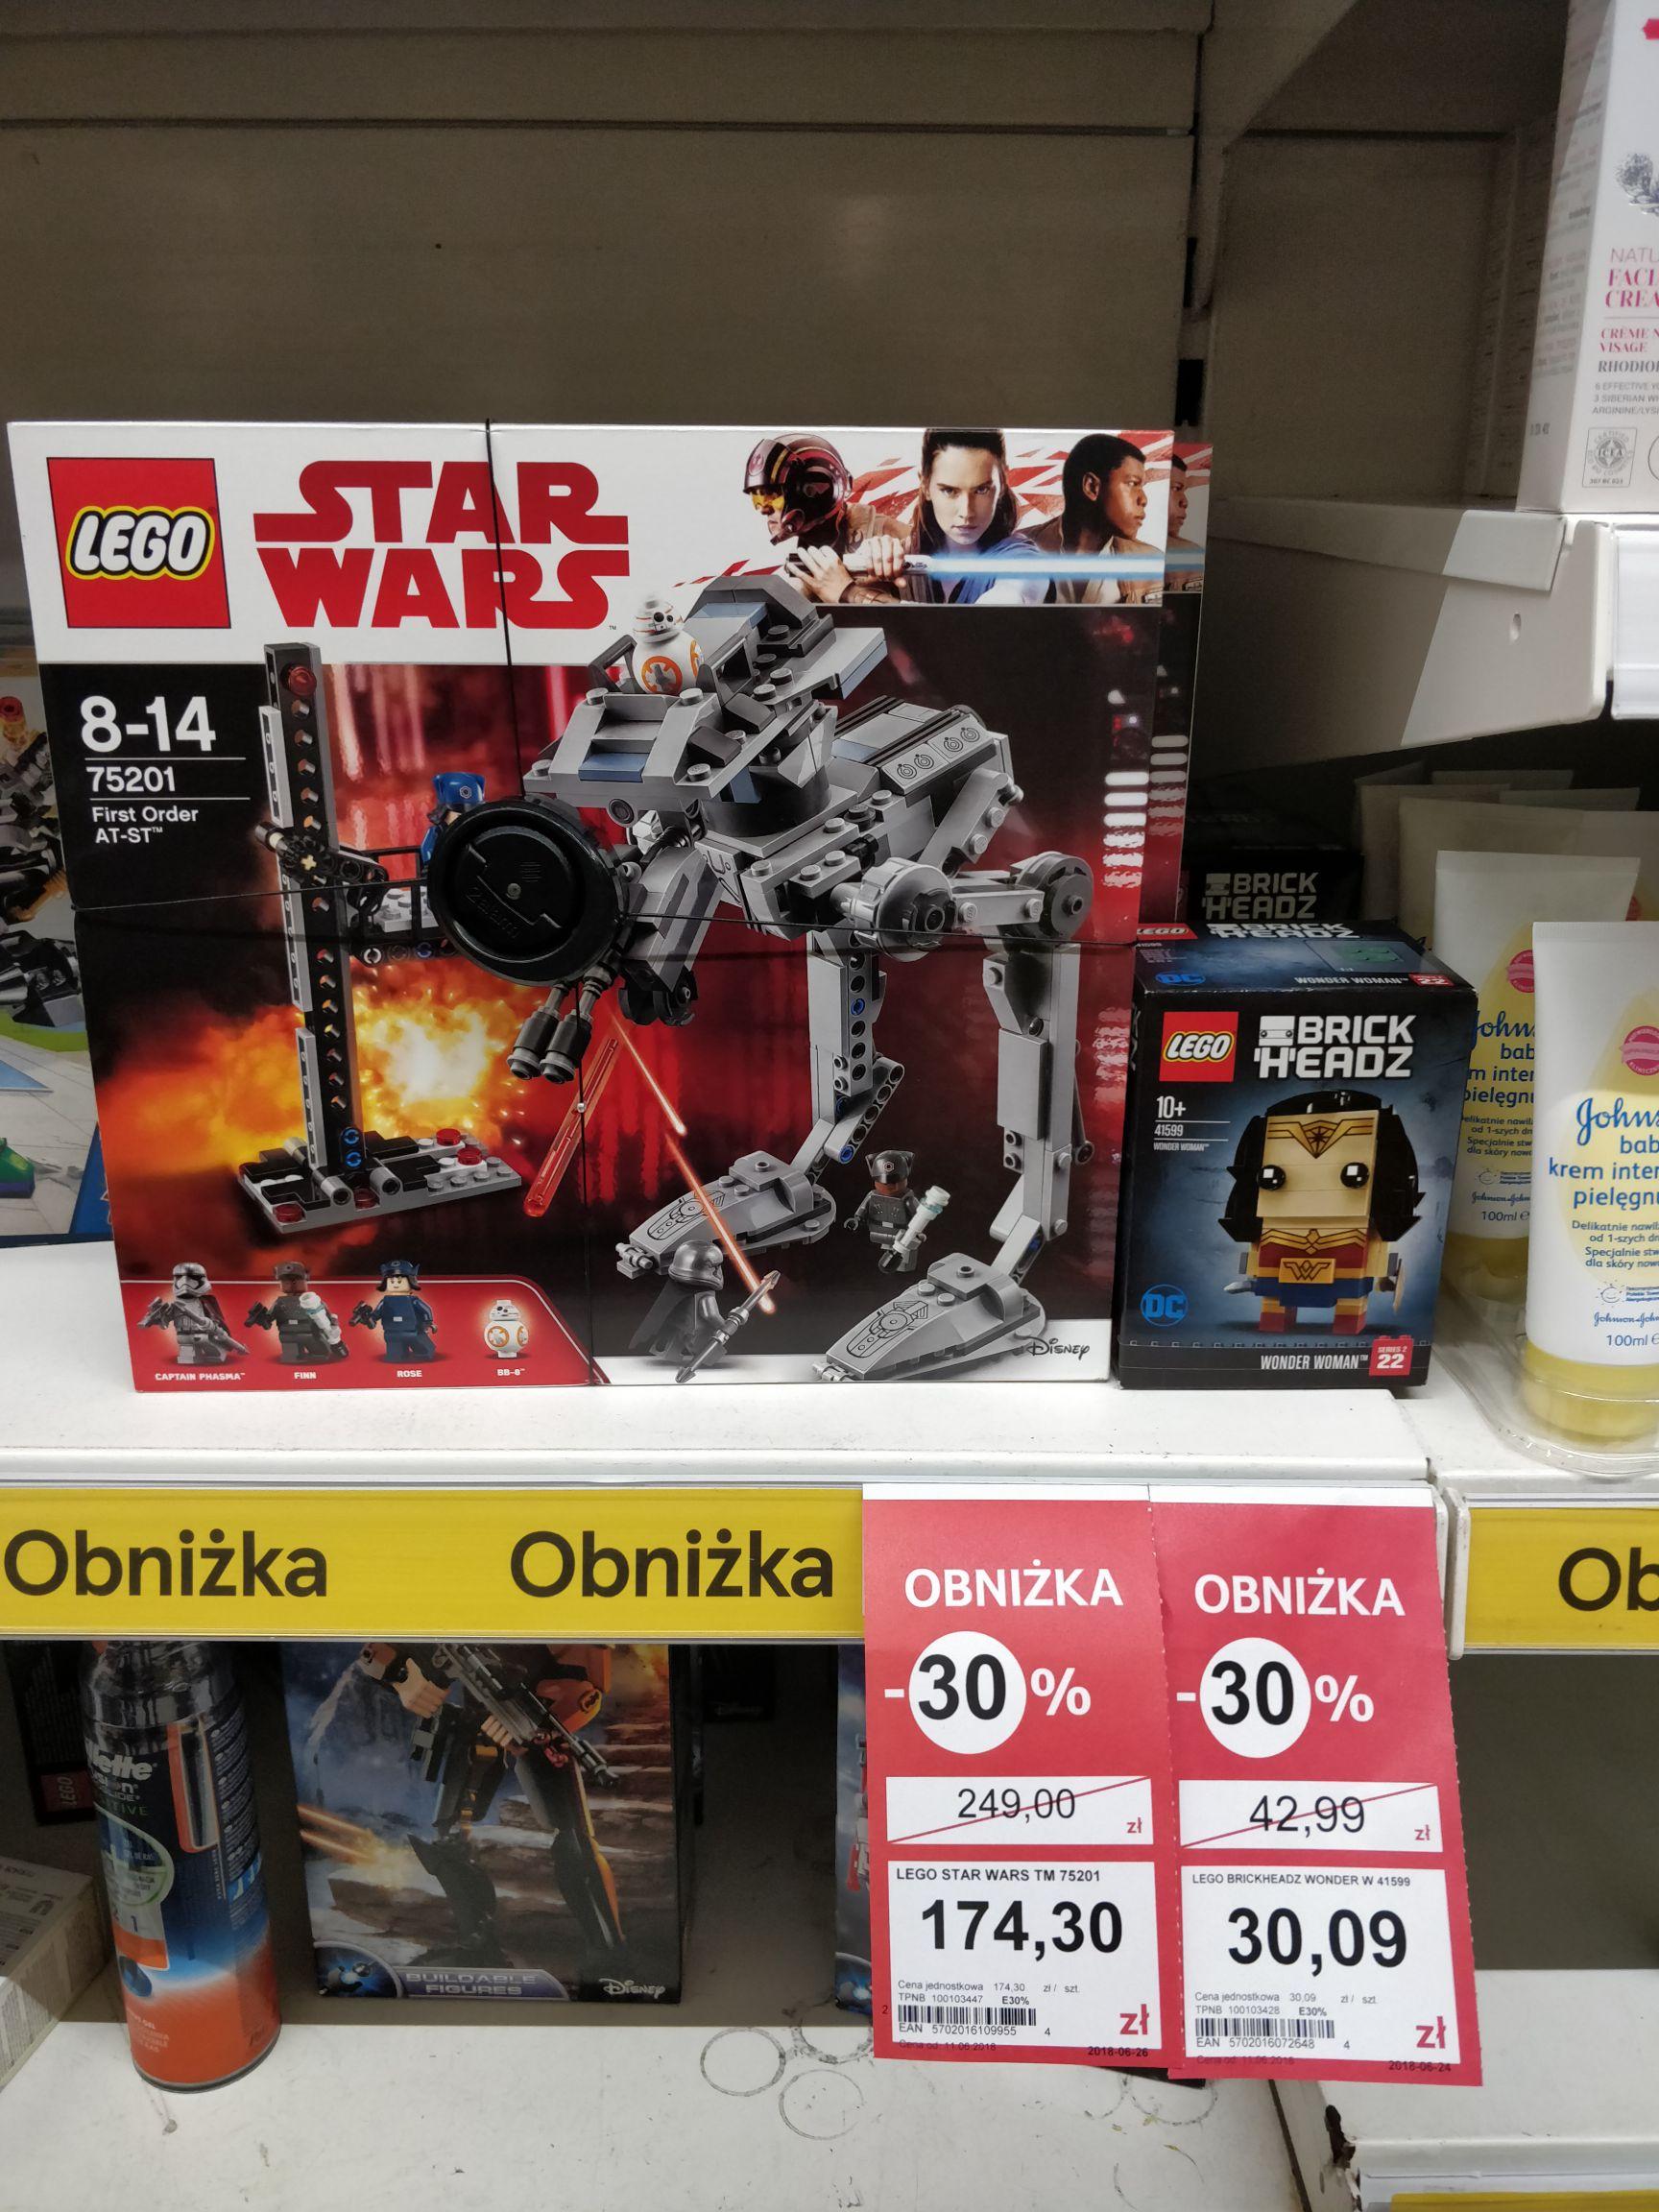 LEGO Star Wars TM zestaw 75201 @ Tesco Gocław